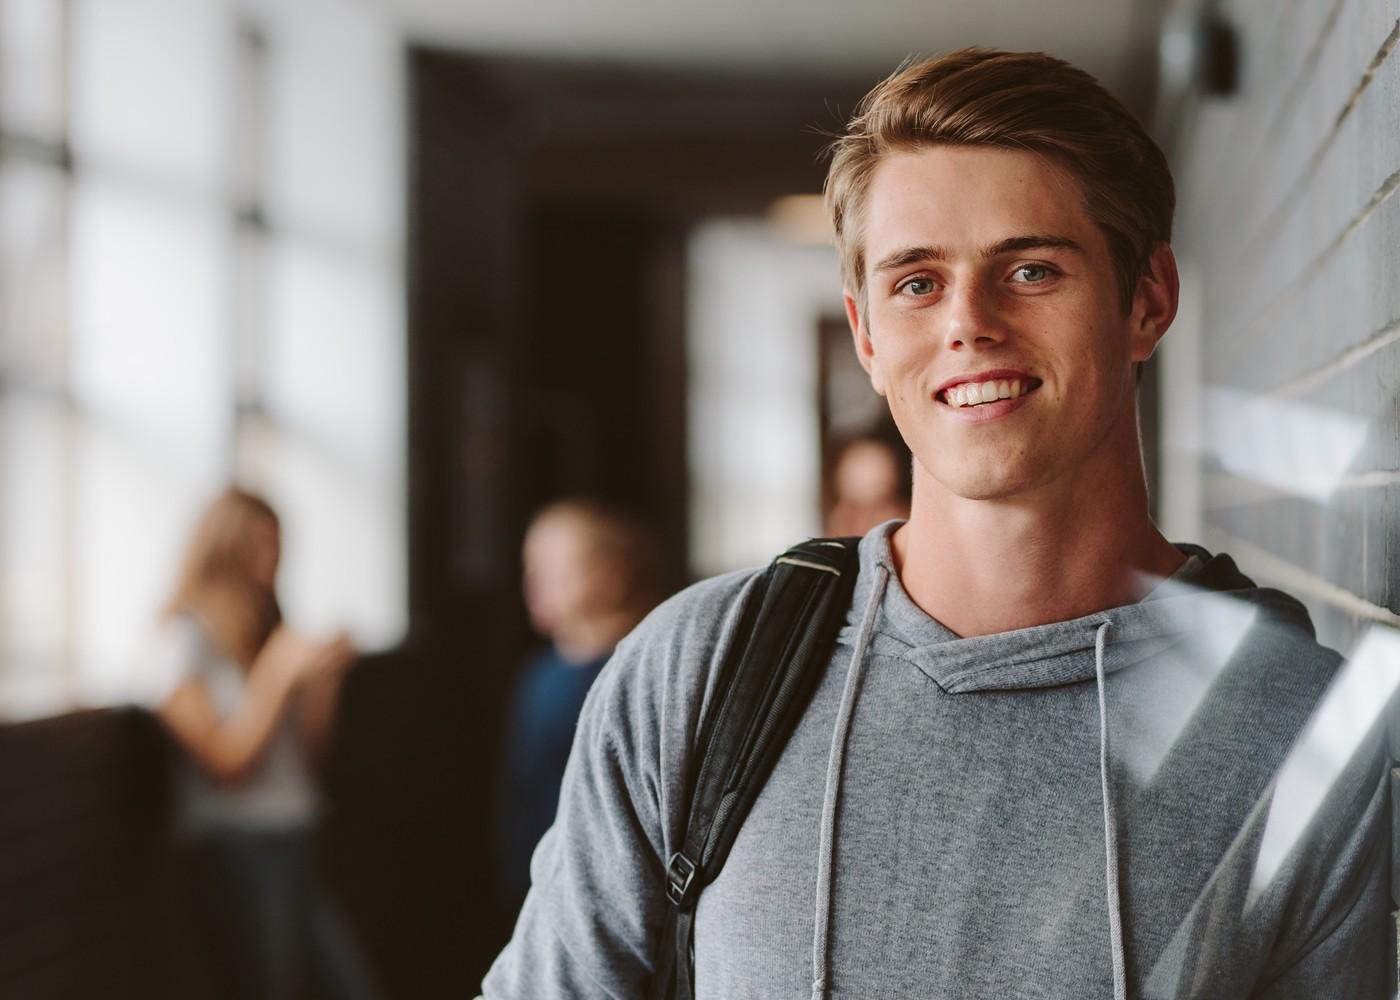 estudante com mochila às costas